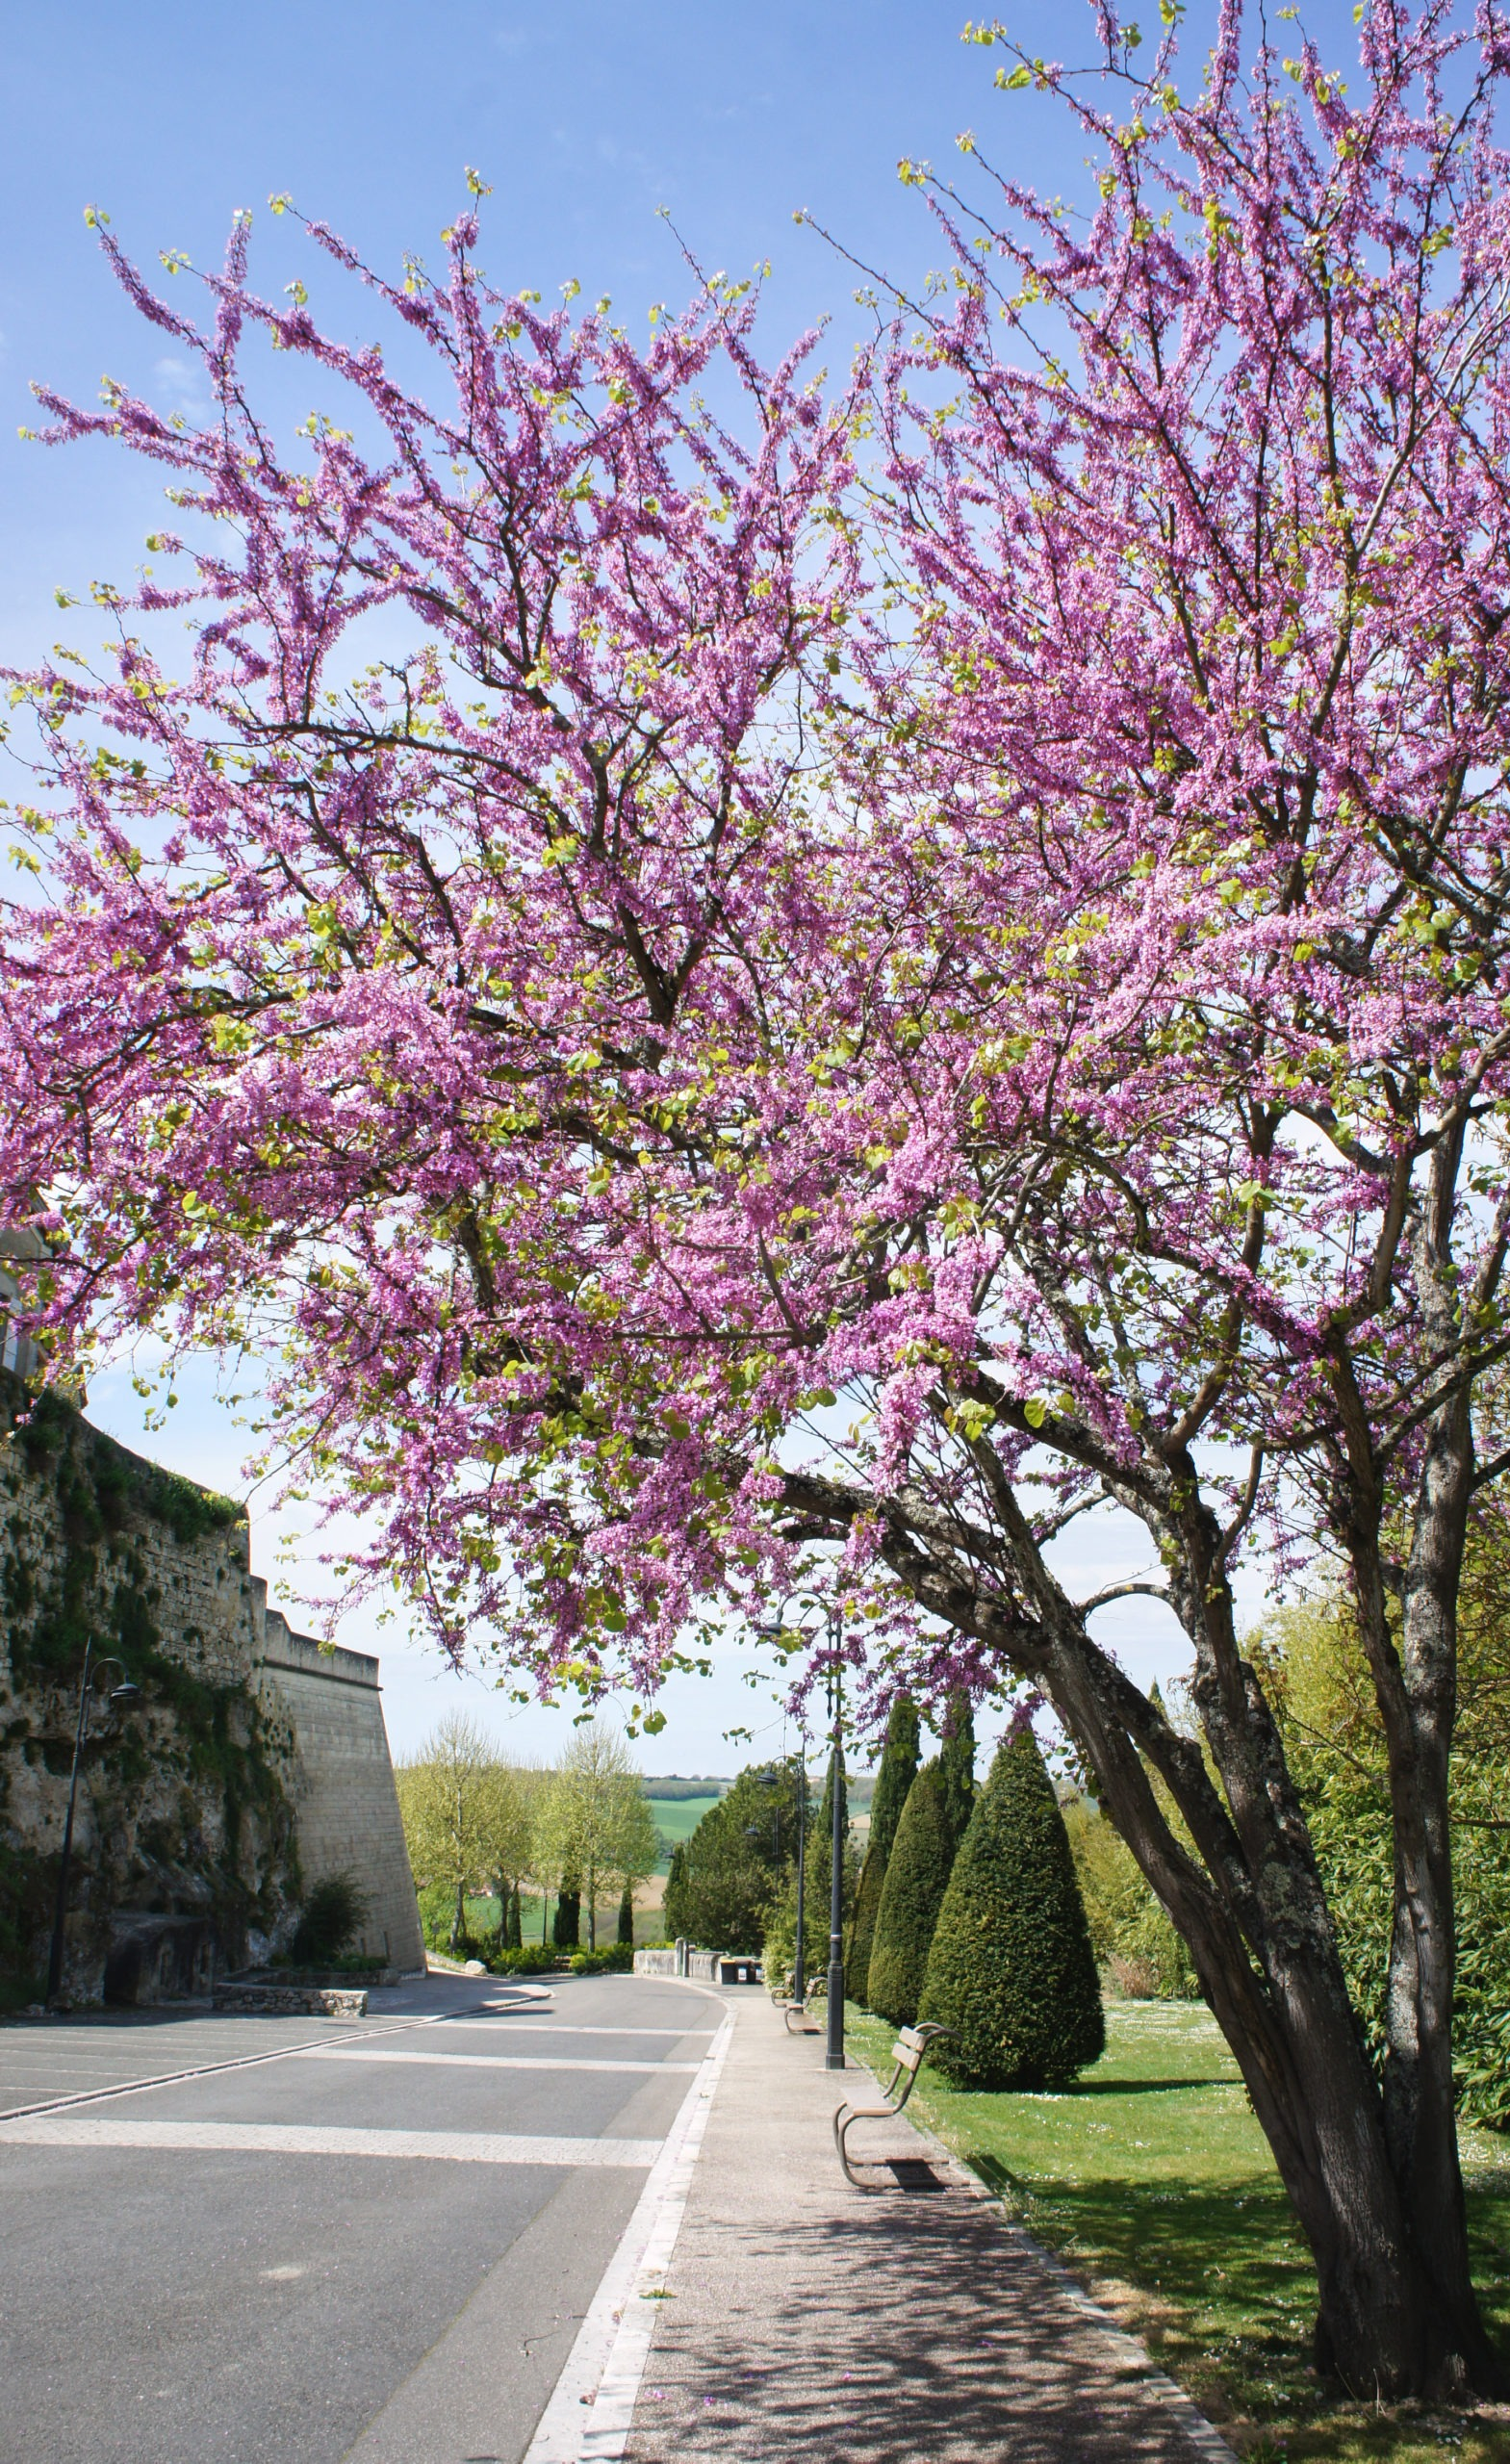 Les couleurs de printemps à Lectoure